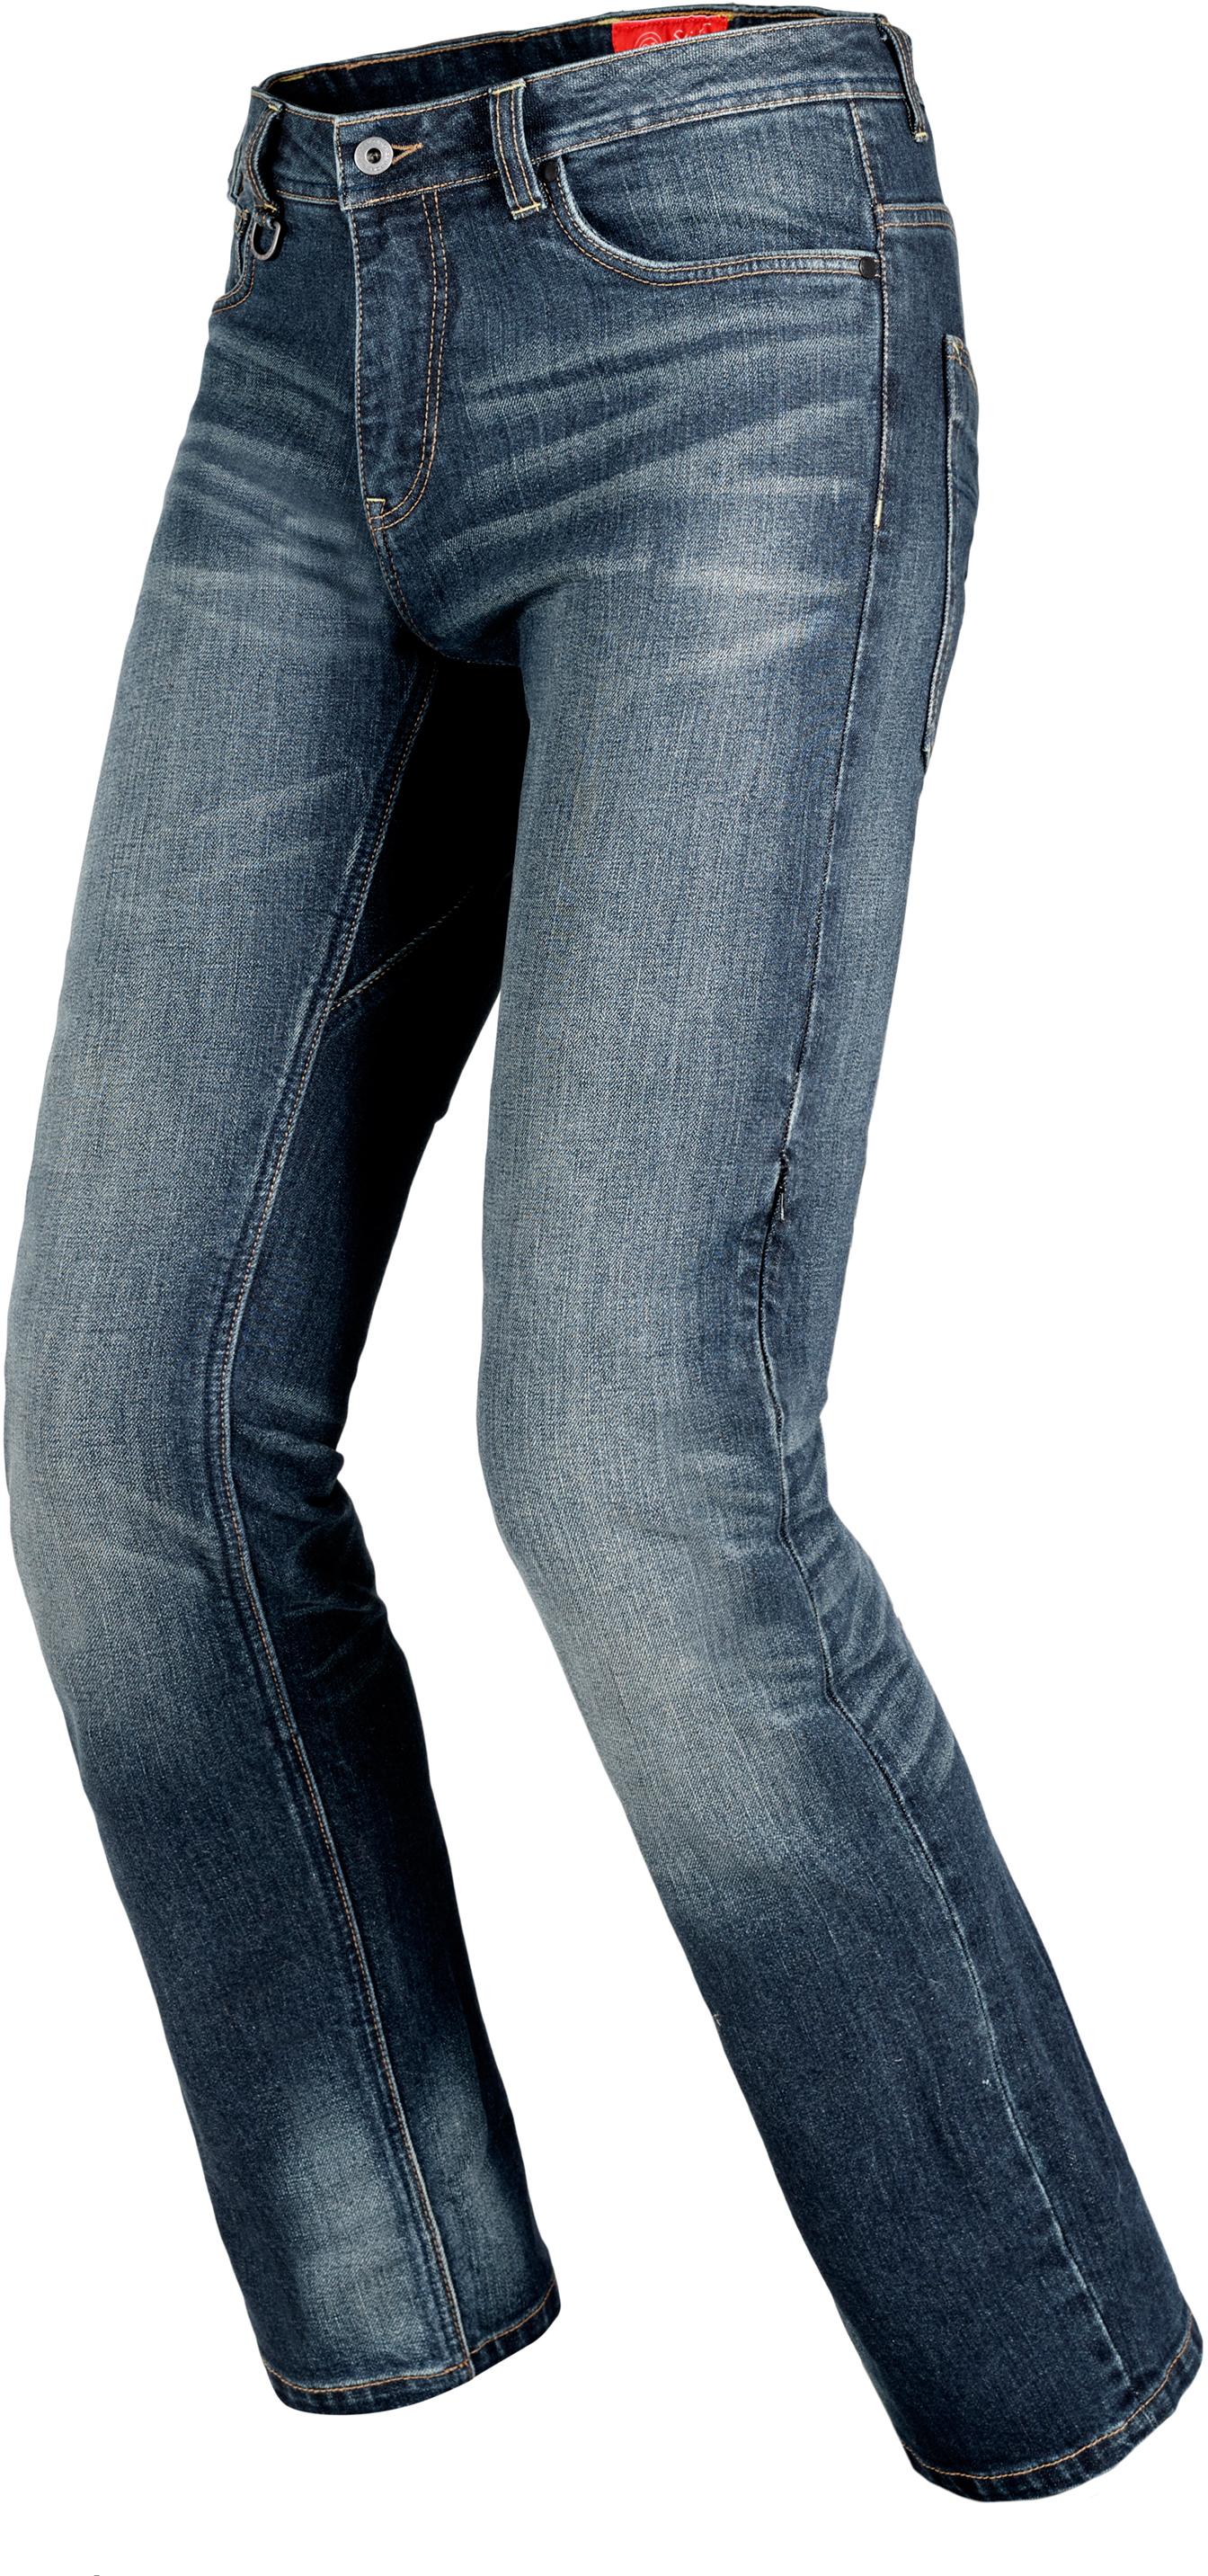 Spidi J-Tracker Pantalón Corto Azul Oscuro 29